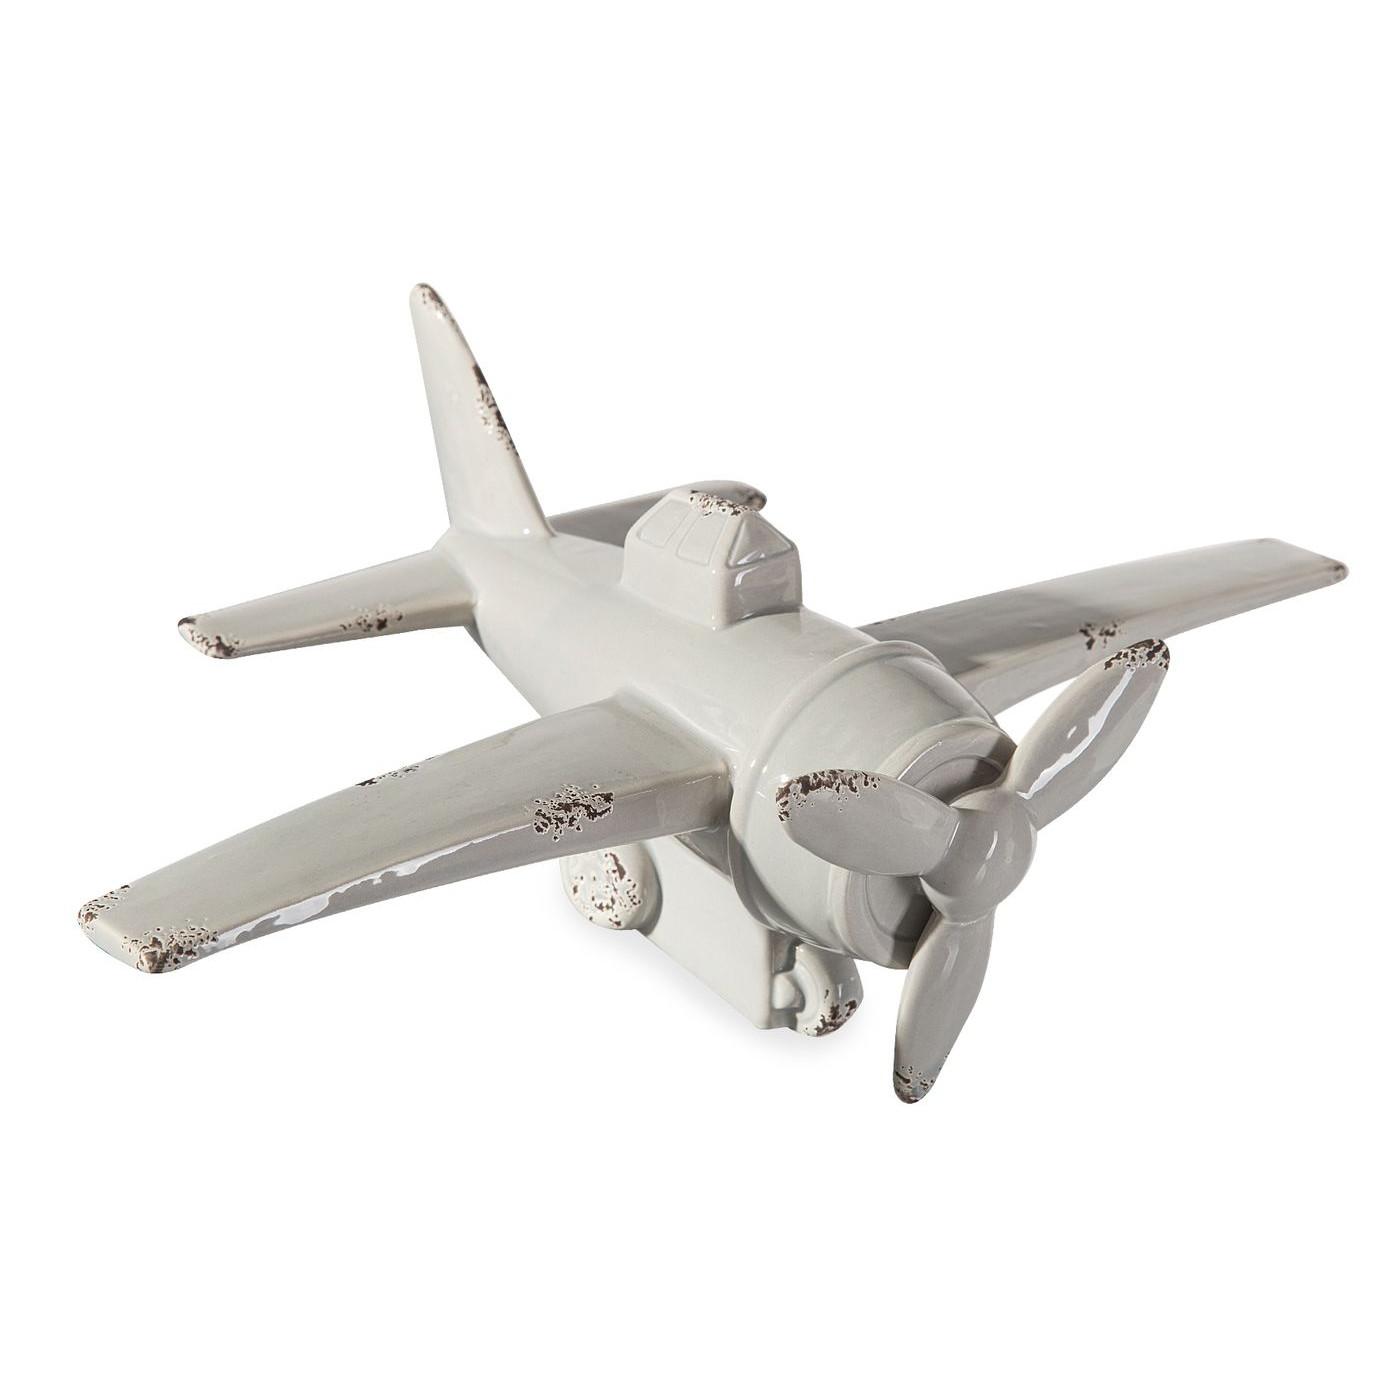 Figurka z dolomitu samolot 33 x 21 x 12 cm shabby chic